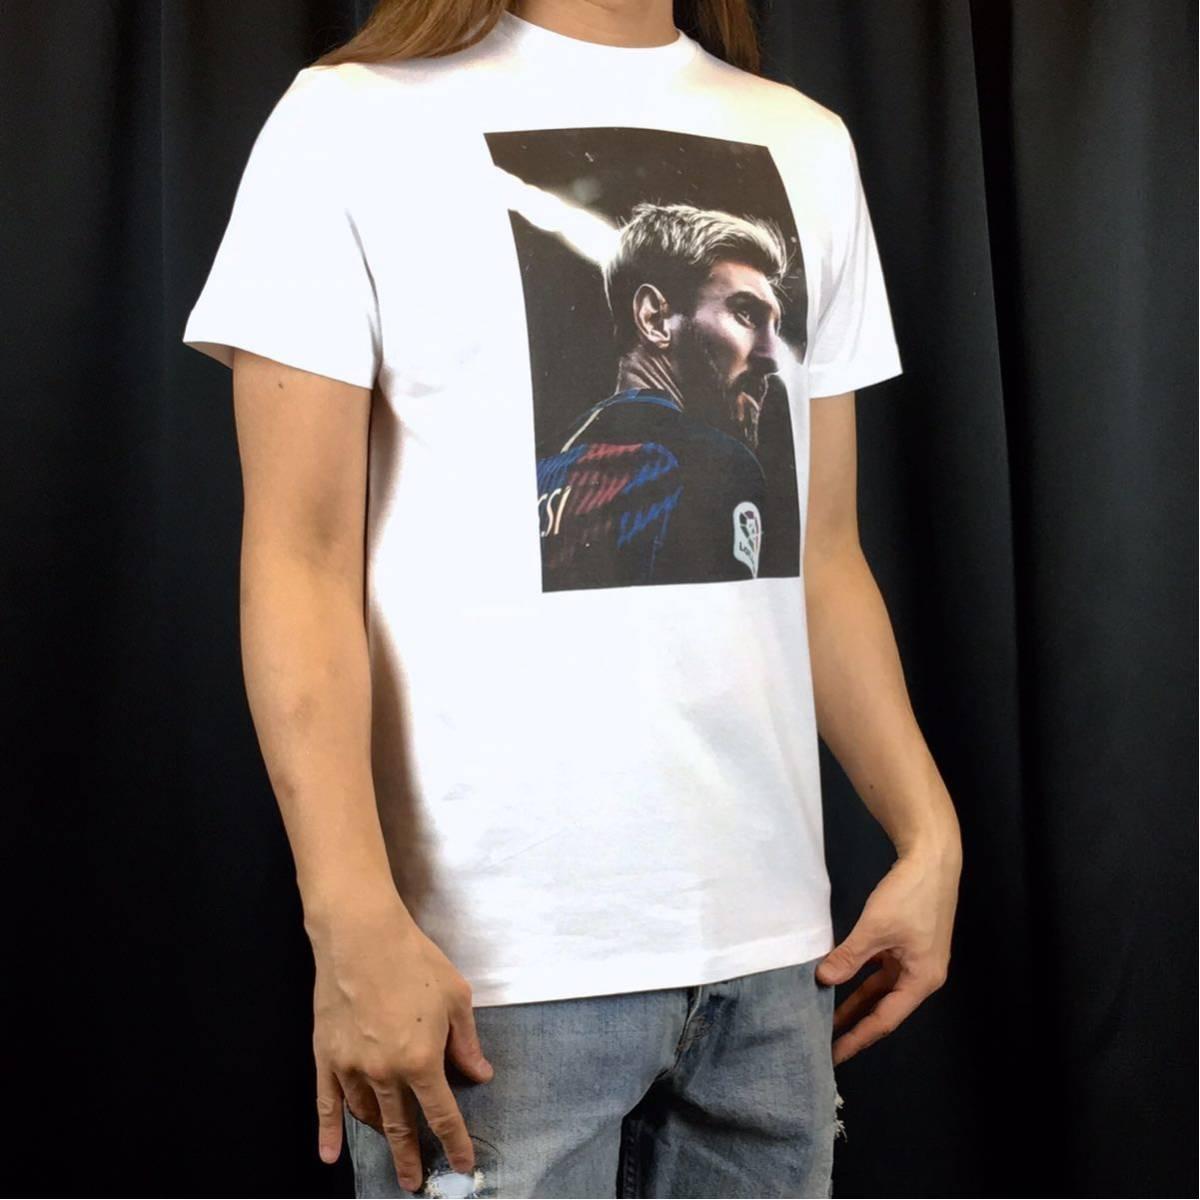 新品 サッカー メッシ Tシャツ S M L XL ワールドカップ バルセロナ アルゼンチン ロナウド ビッグ オーバー サイズ XXL~5XL 長袖 黒 対応_画像2